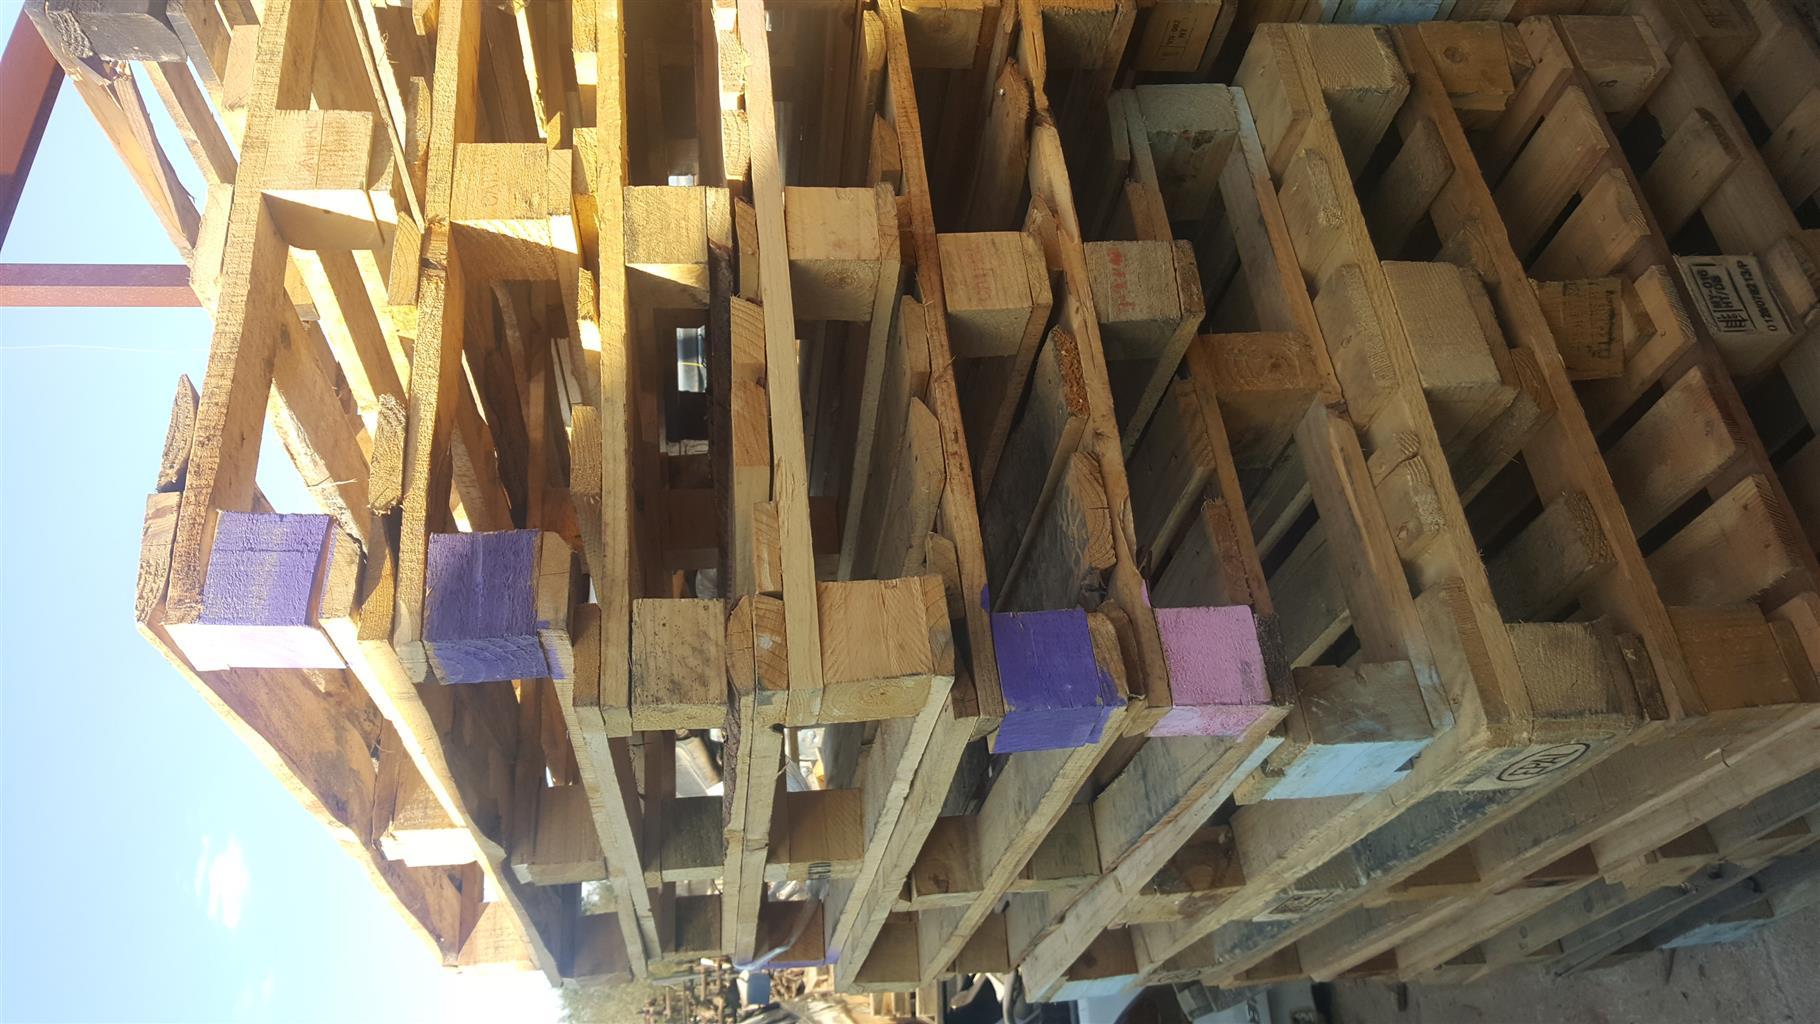 Refurbished Pallets